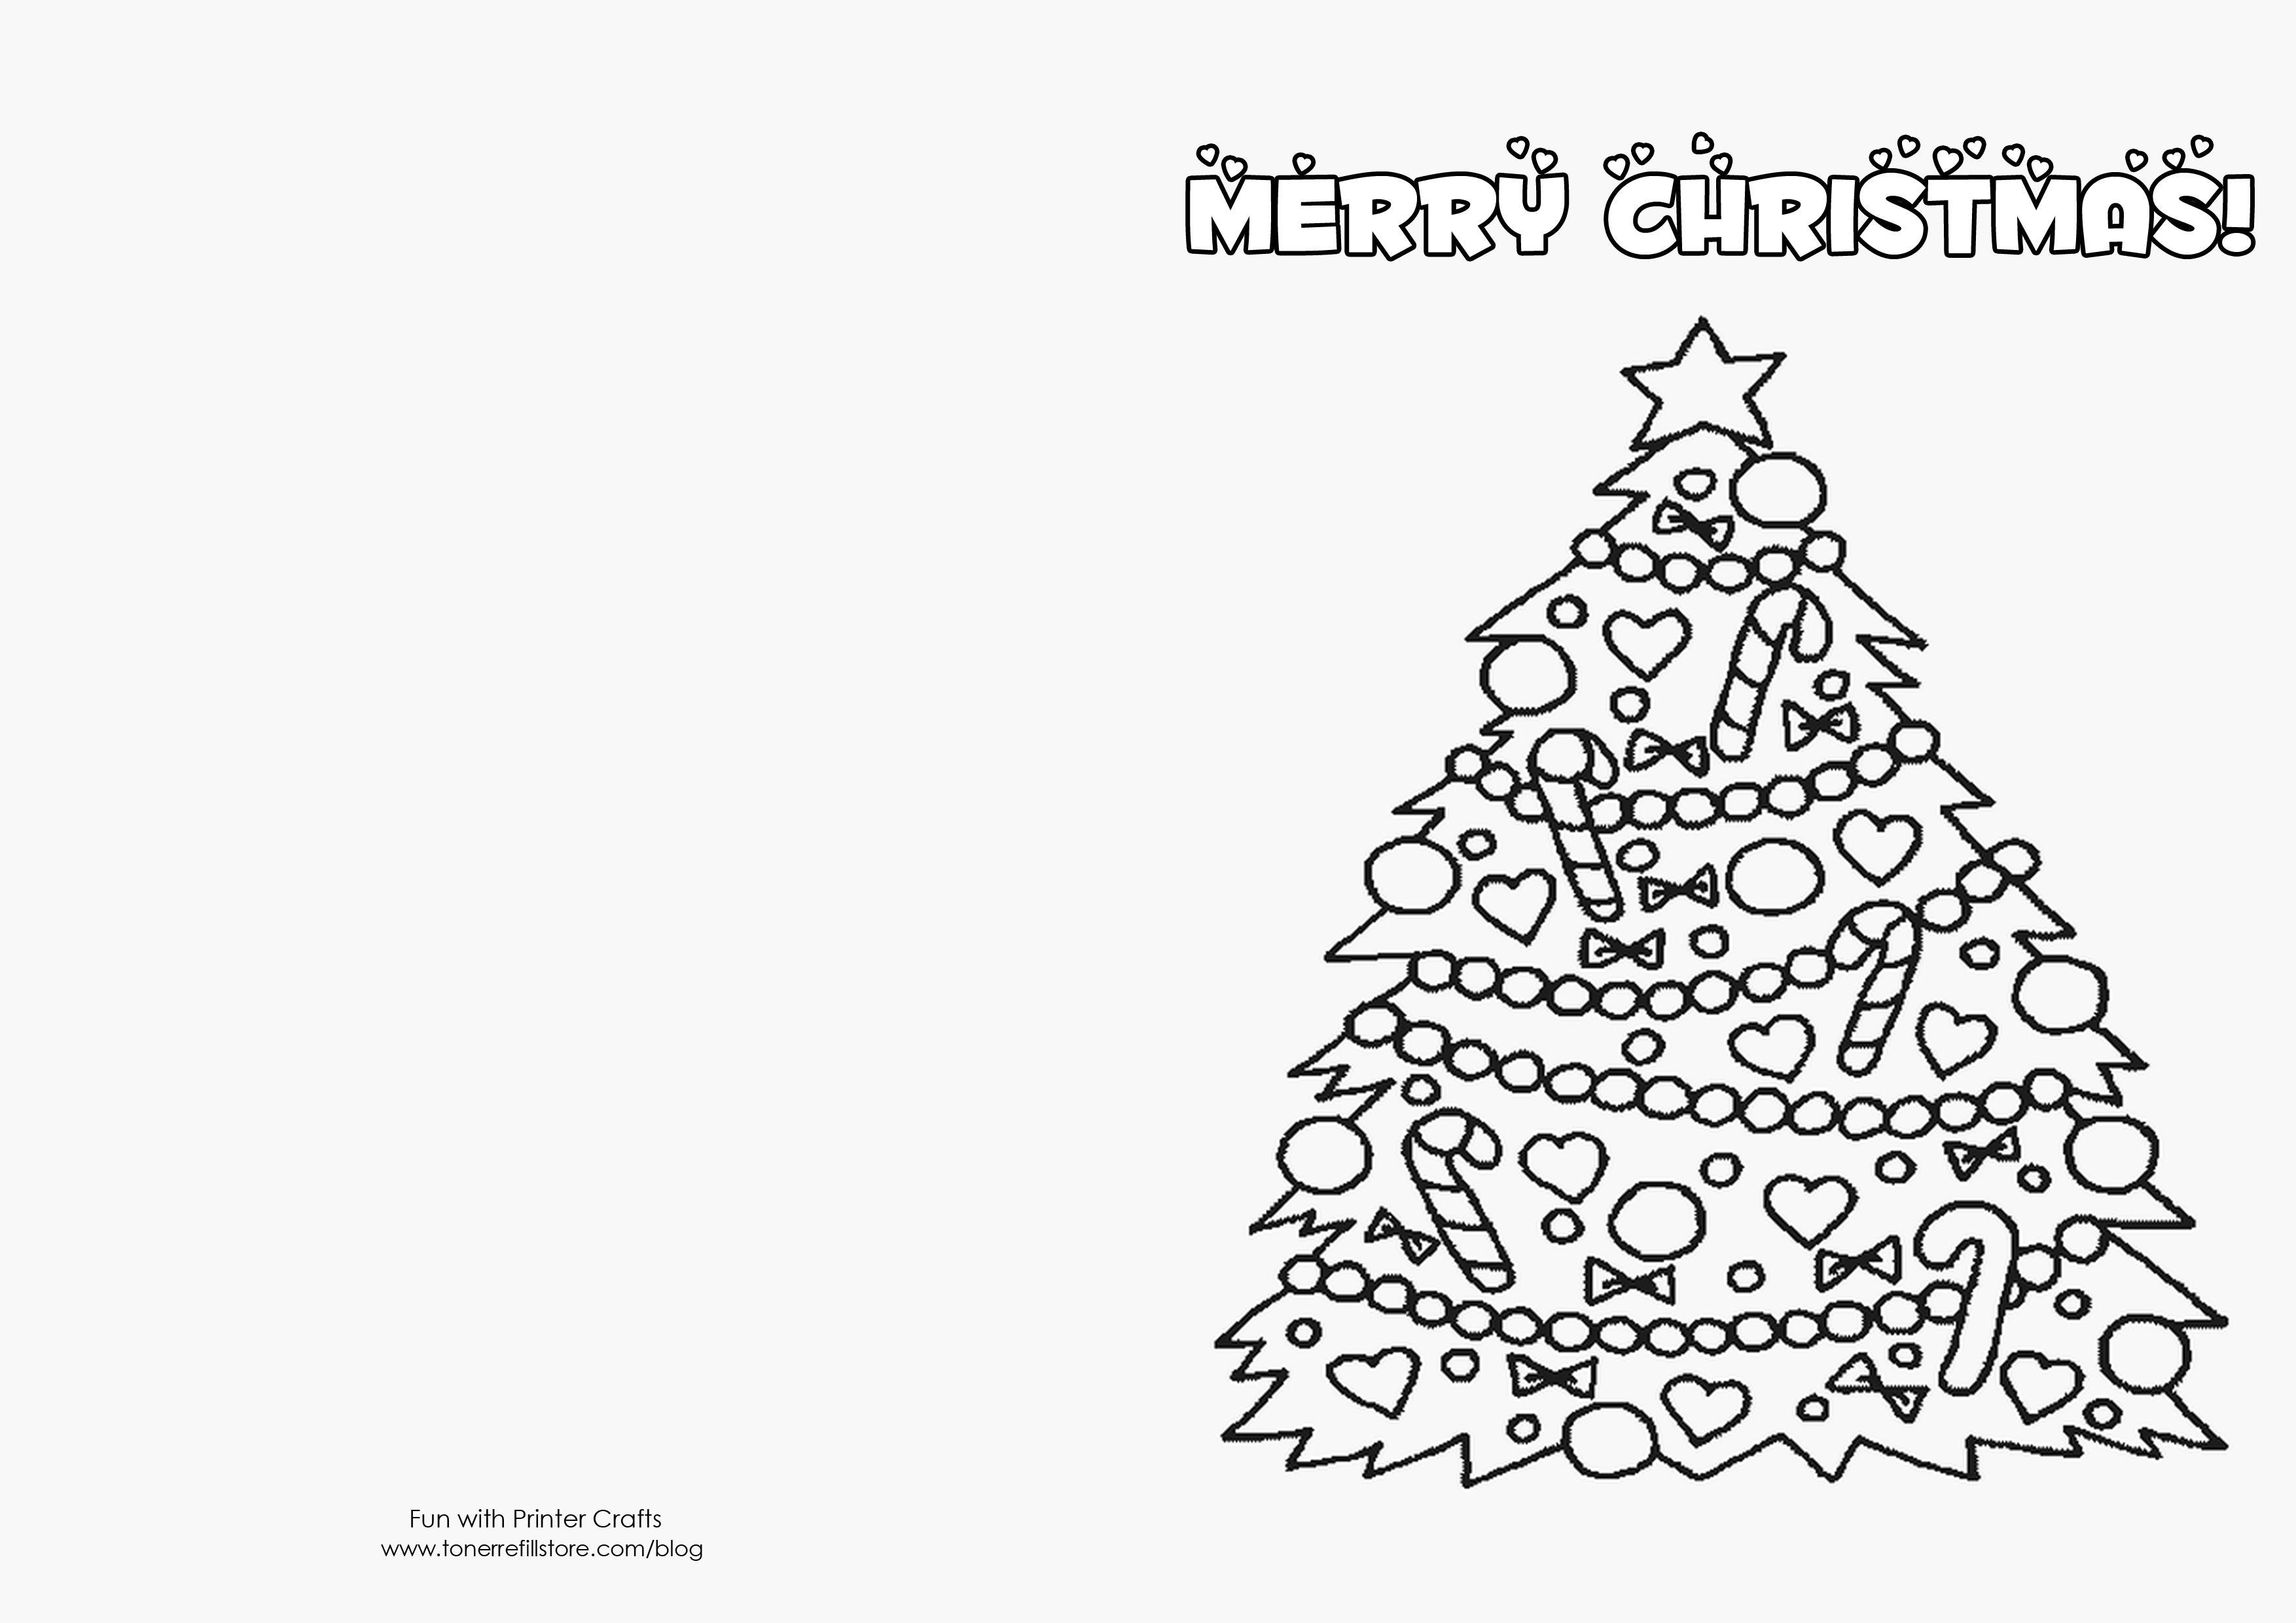 Free Printable Christmas Cards. Christmas Cards Online Free - Free Online Printable Christmas Cards